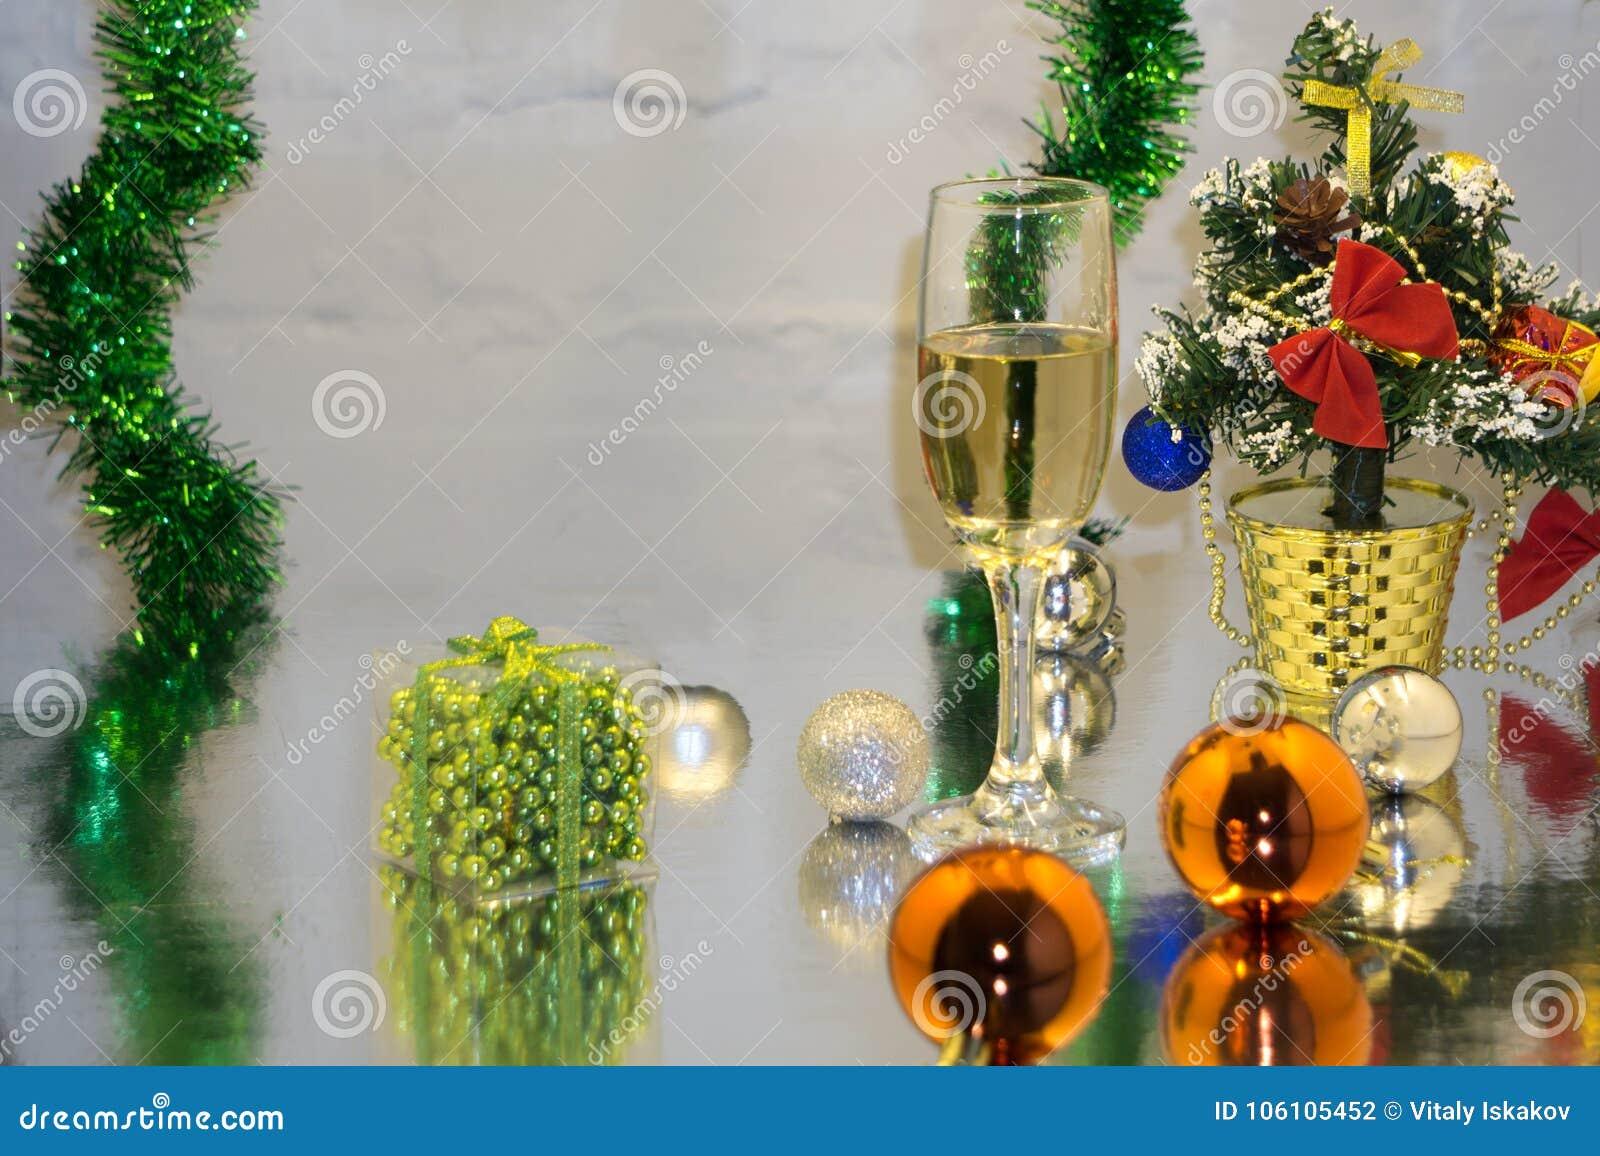 贺卡由圣诞节和赤柏松年装饰球、闪亮金属片、蜡烛和两杯与反射,拷贝s的香槟制成